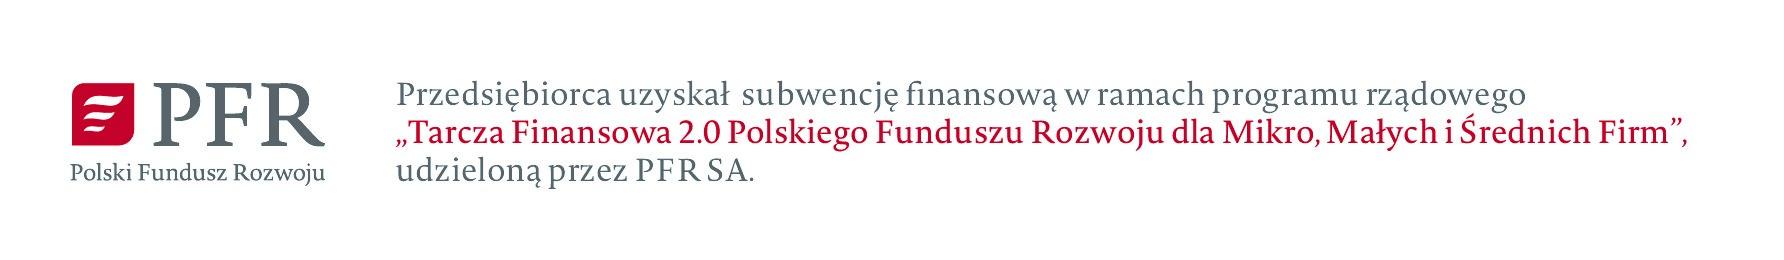 Świat Lodów Wrocław Tarcza PFR